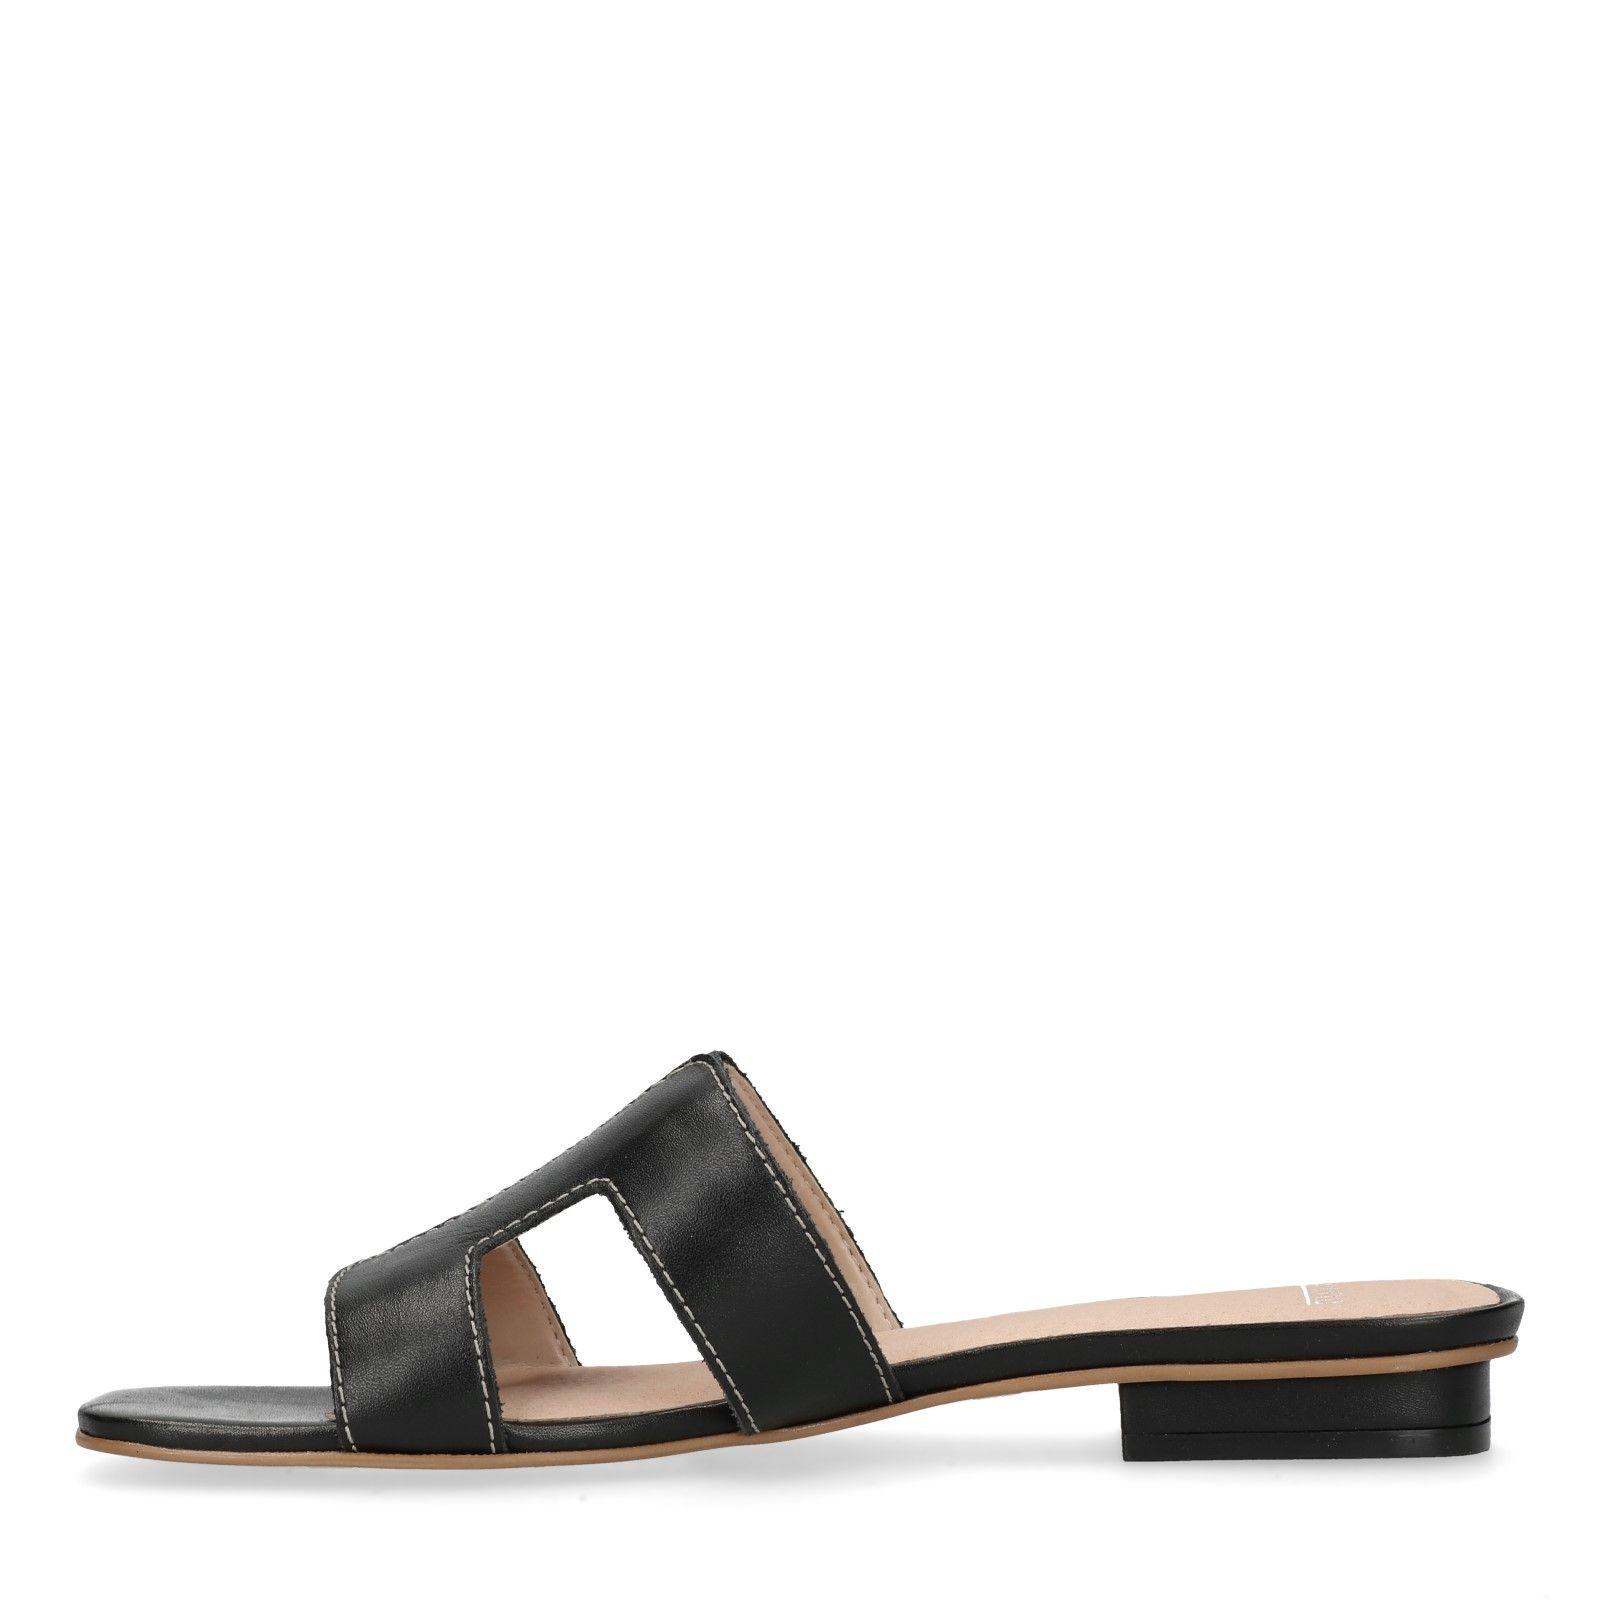 nieuwe stijlen beste prijs beste plaats Zwarte leren slippers - Dames | MANFIELD